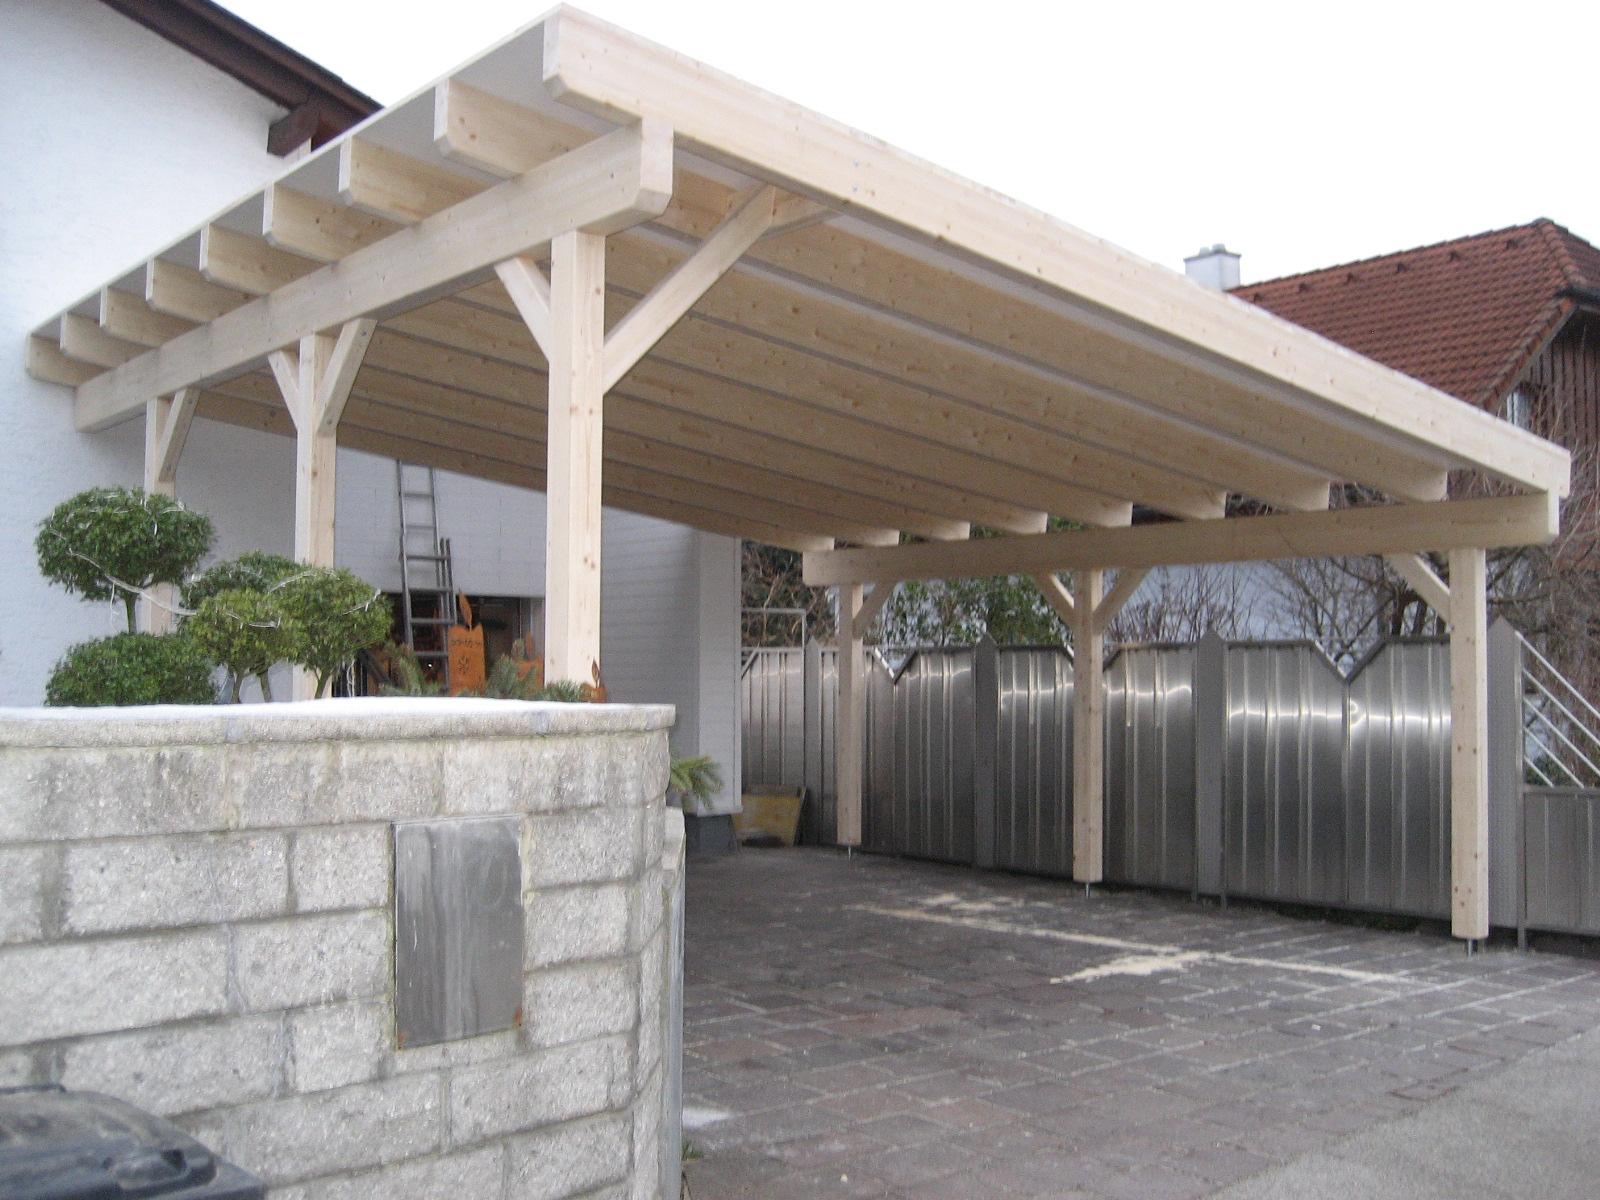 Carport in Pultdachausführung mit Dachschalung